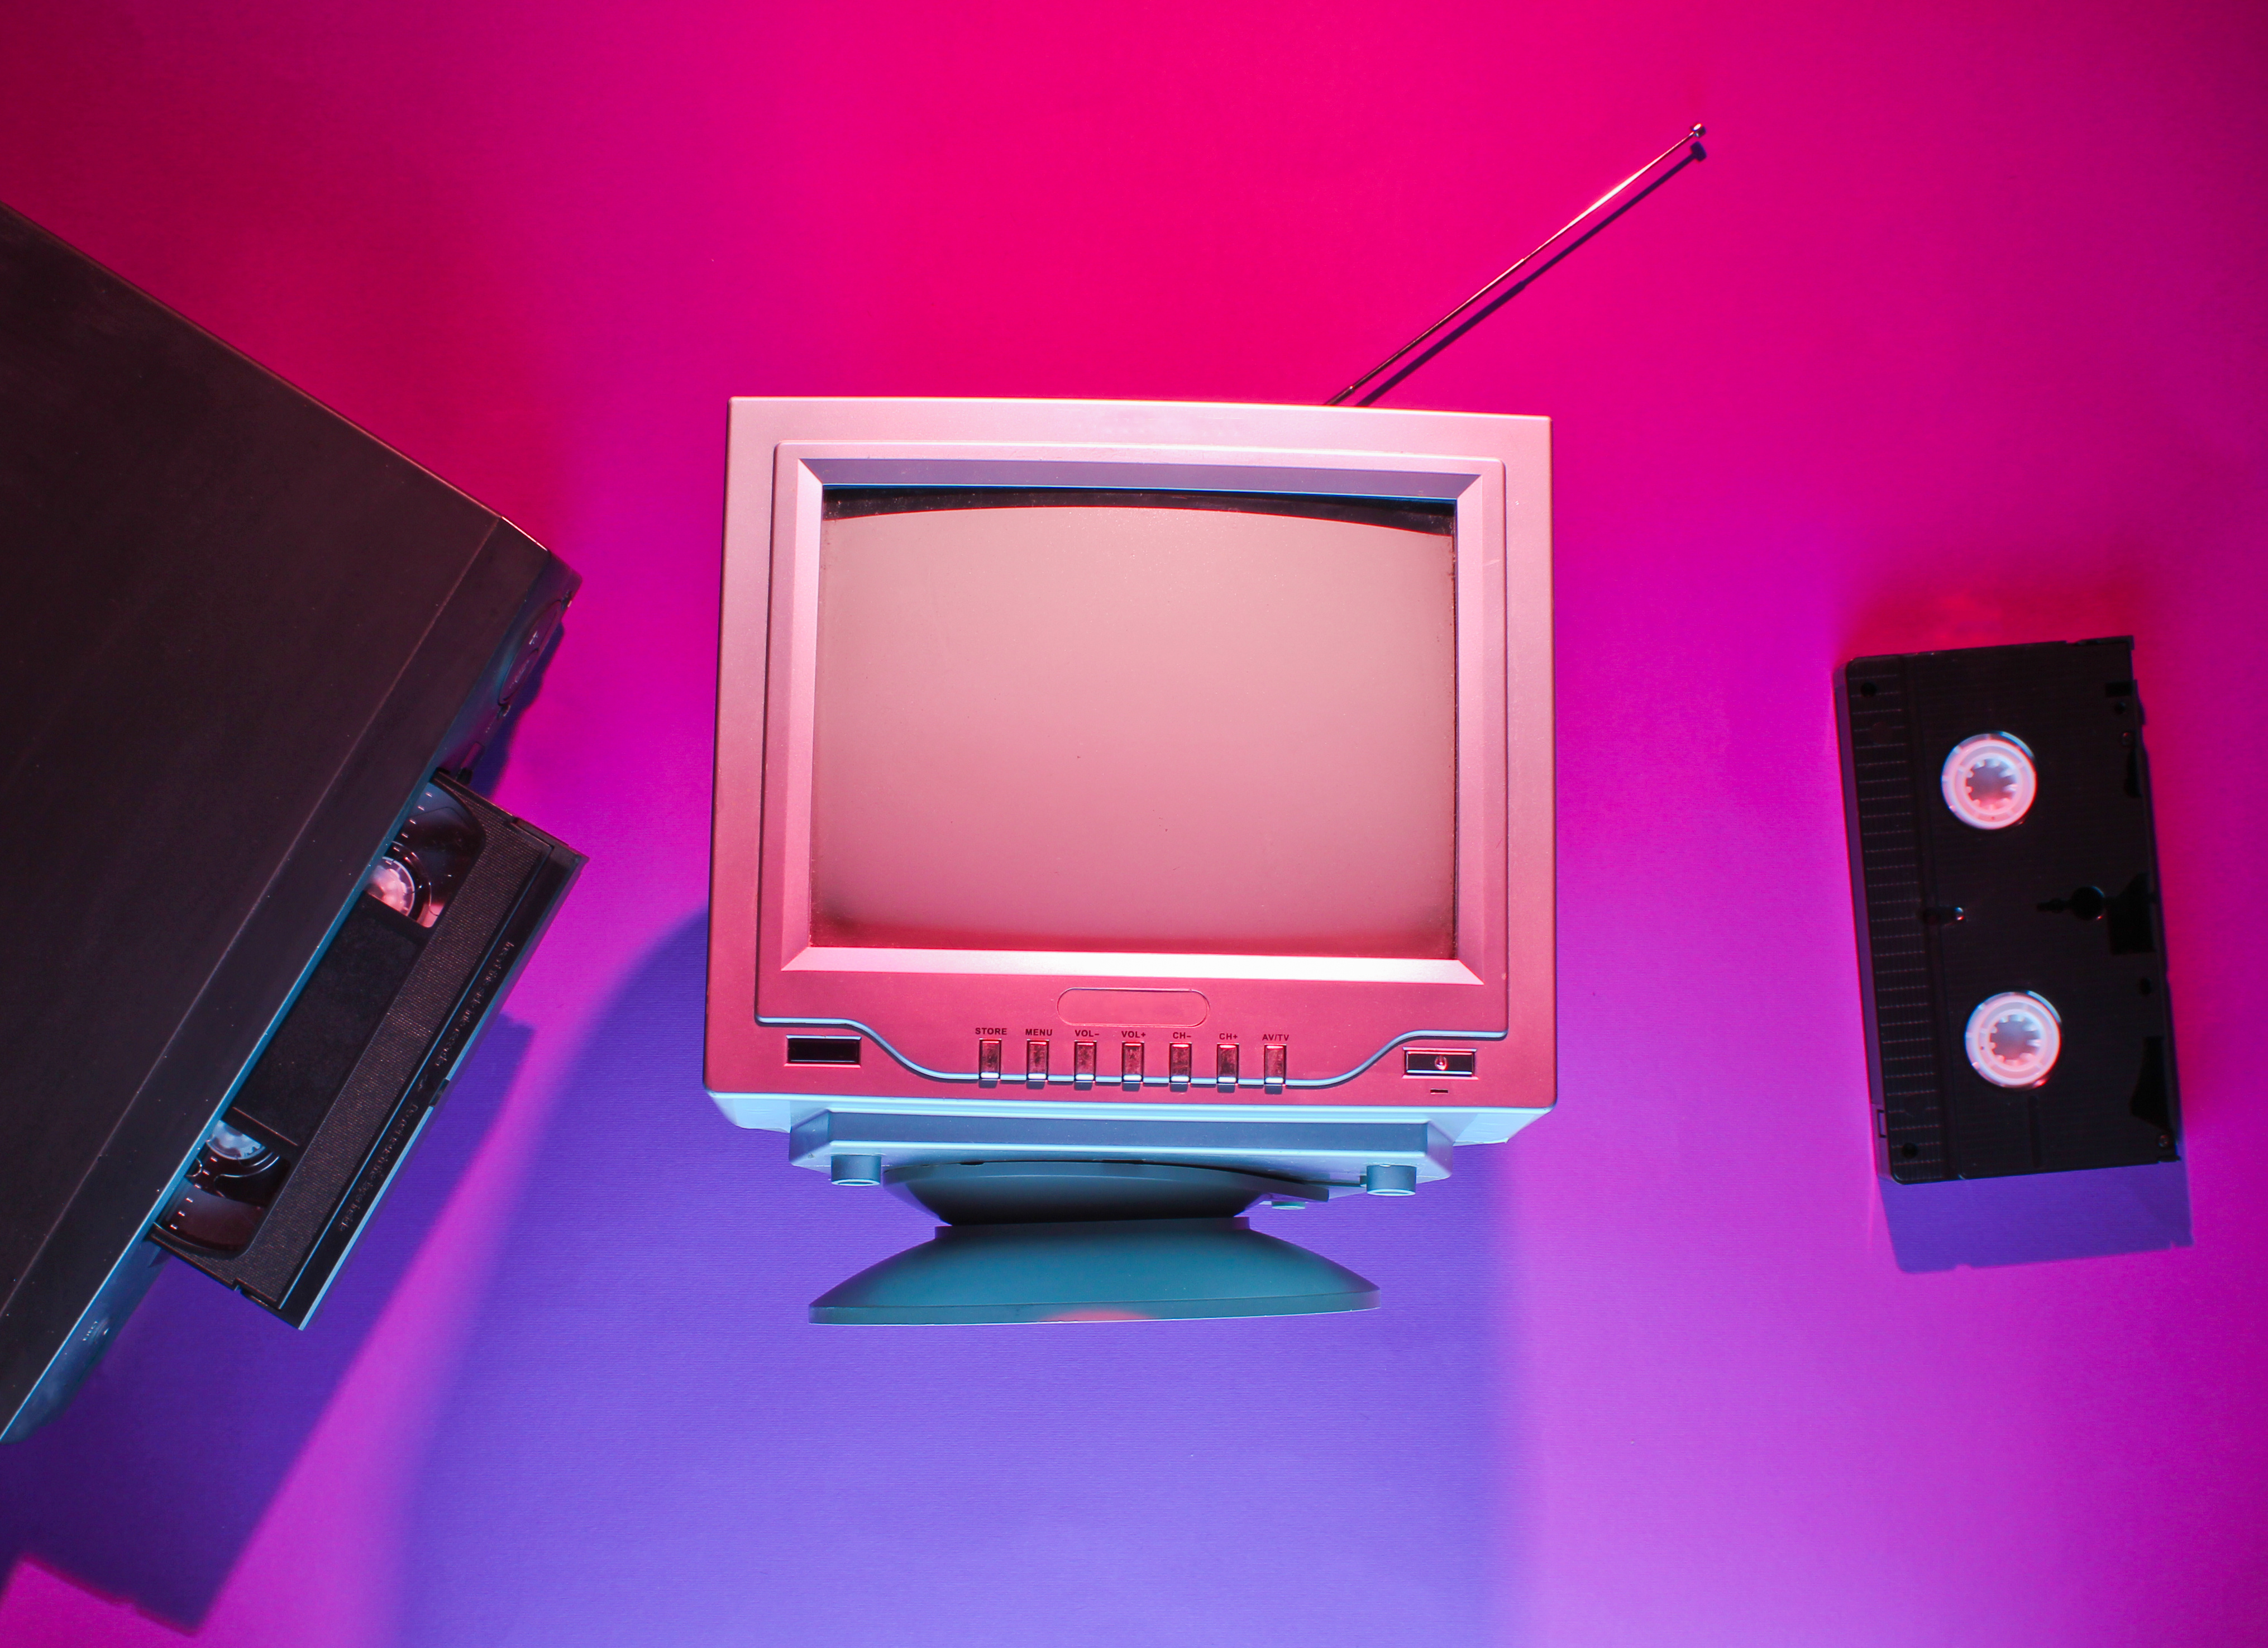 tv-e-videocassete-eng-dtp-multimidia